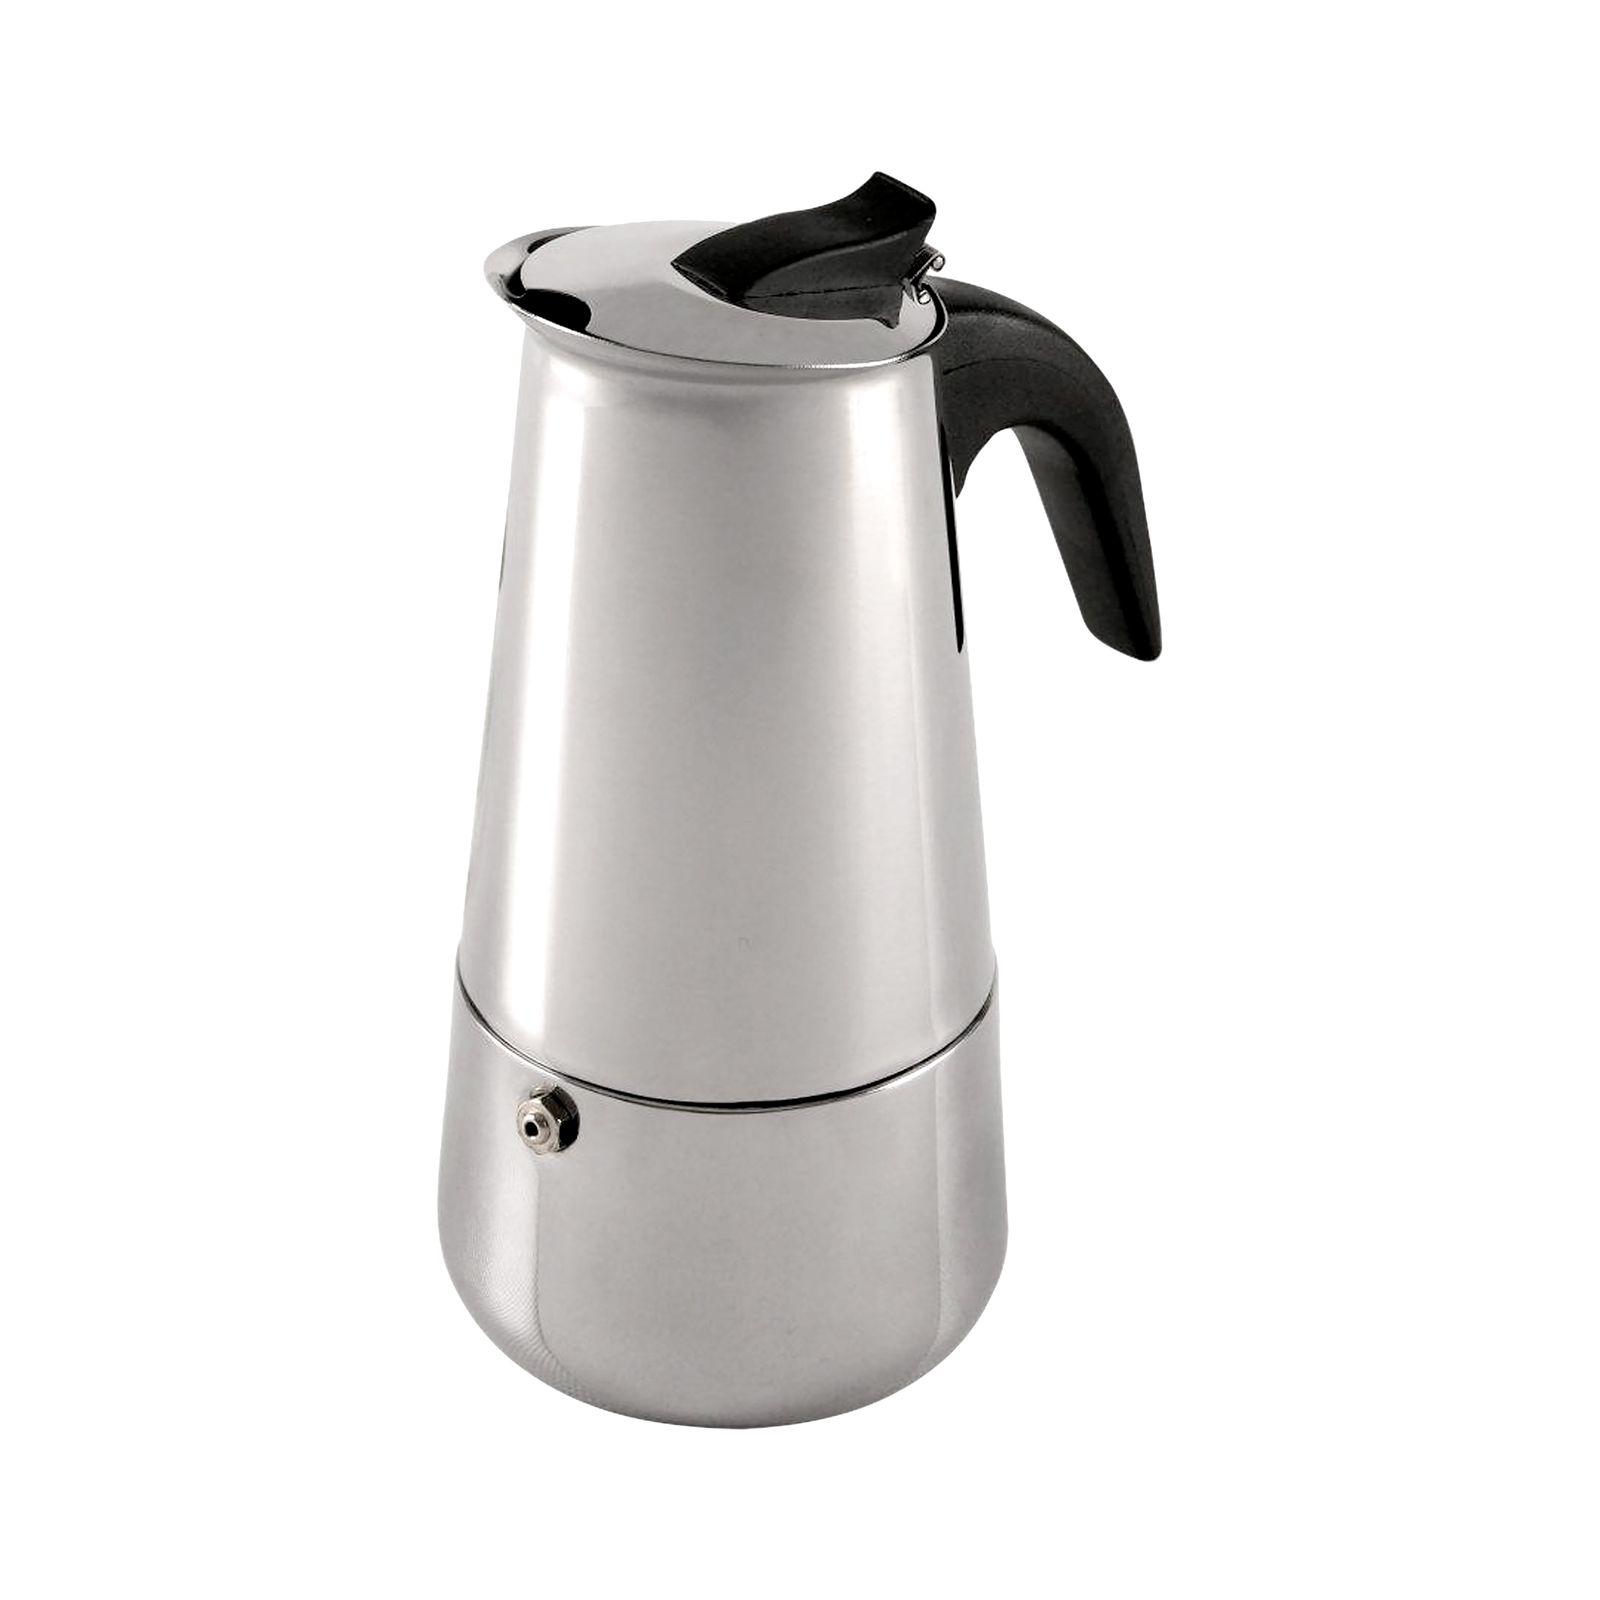 Cafetiere en inox Vella 20 cl DOMOTTI